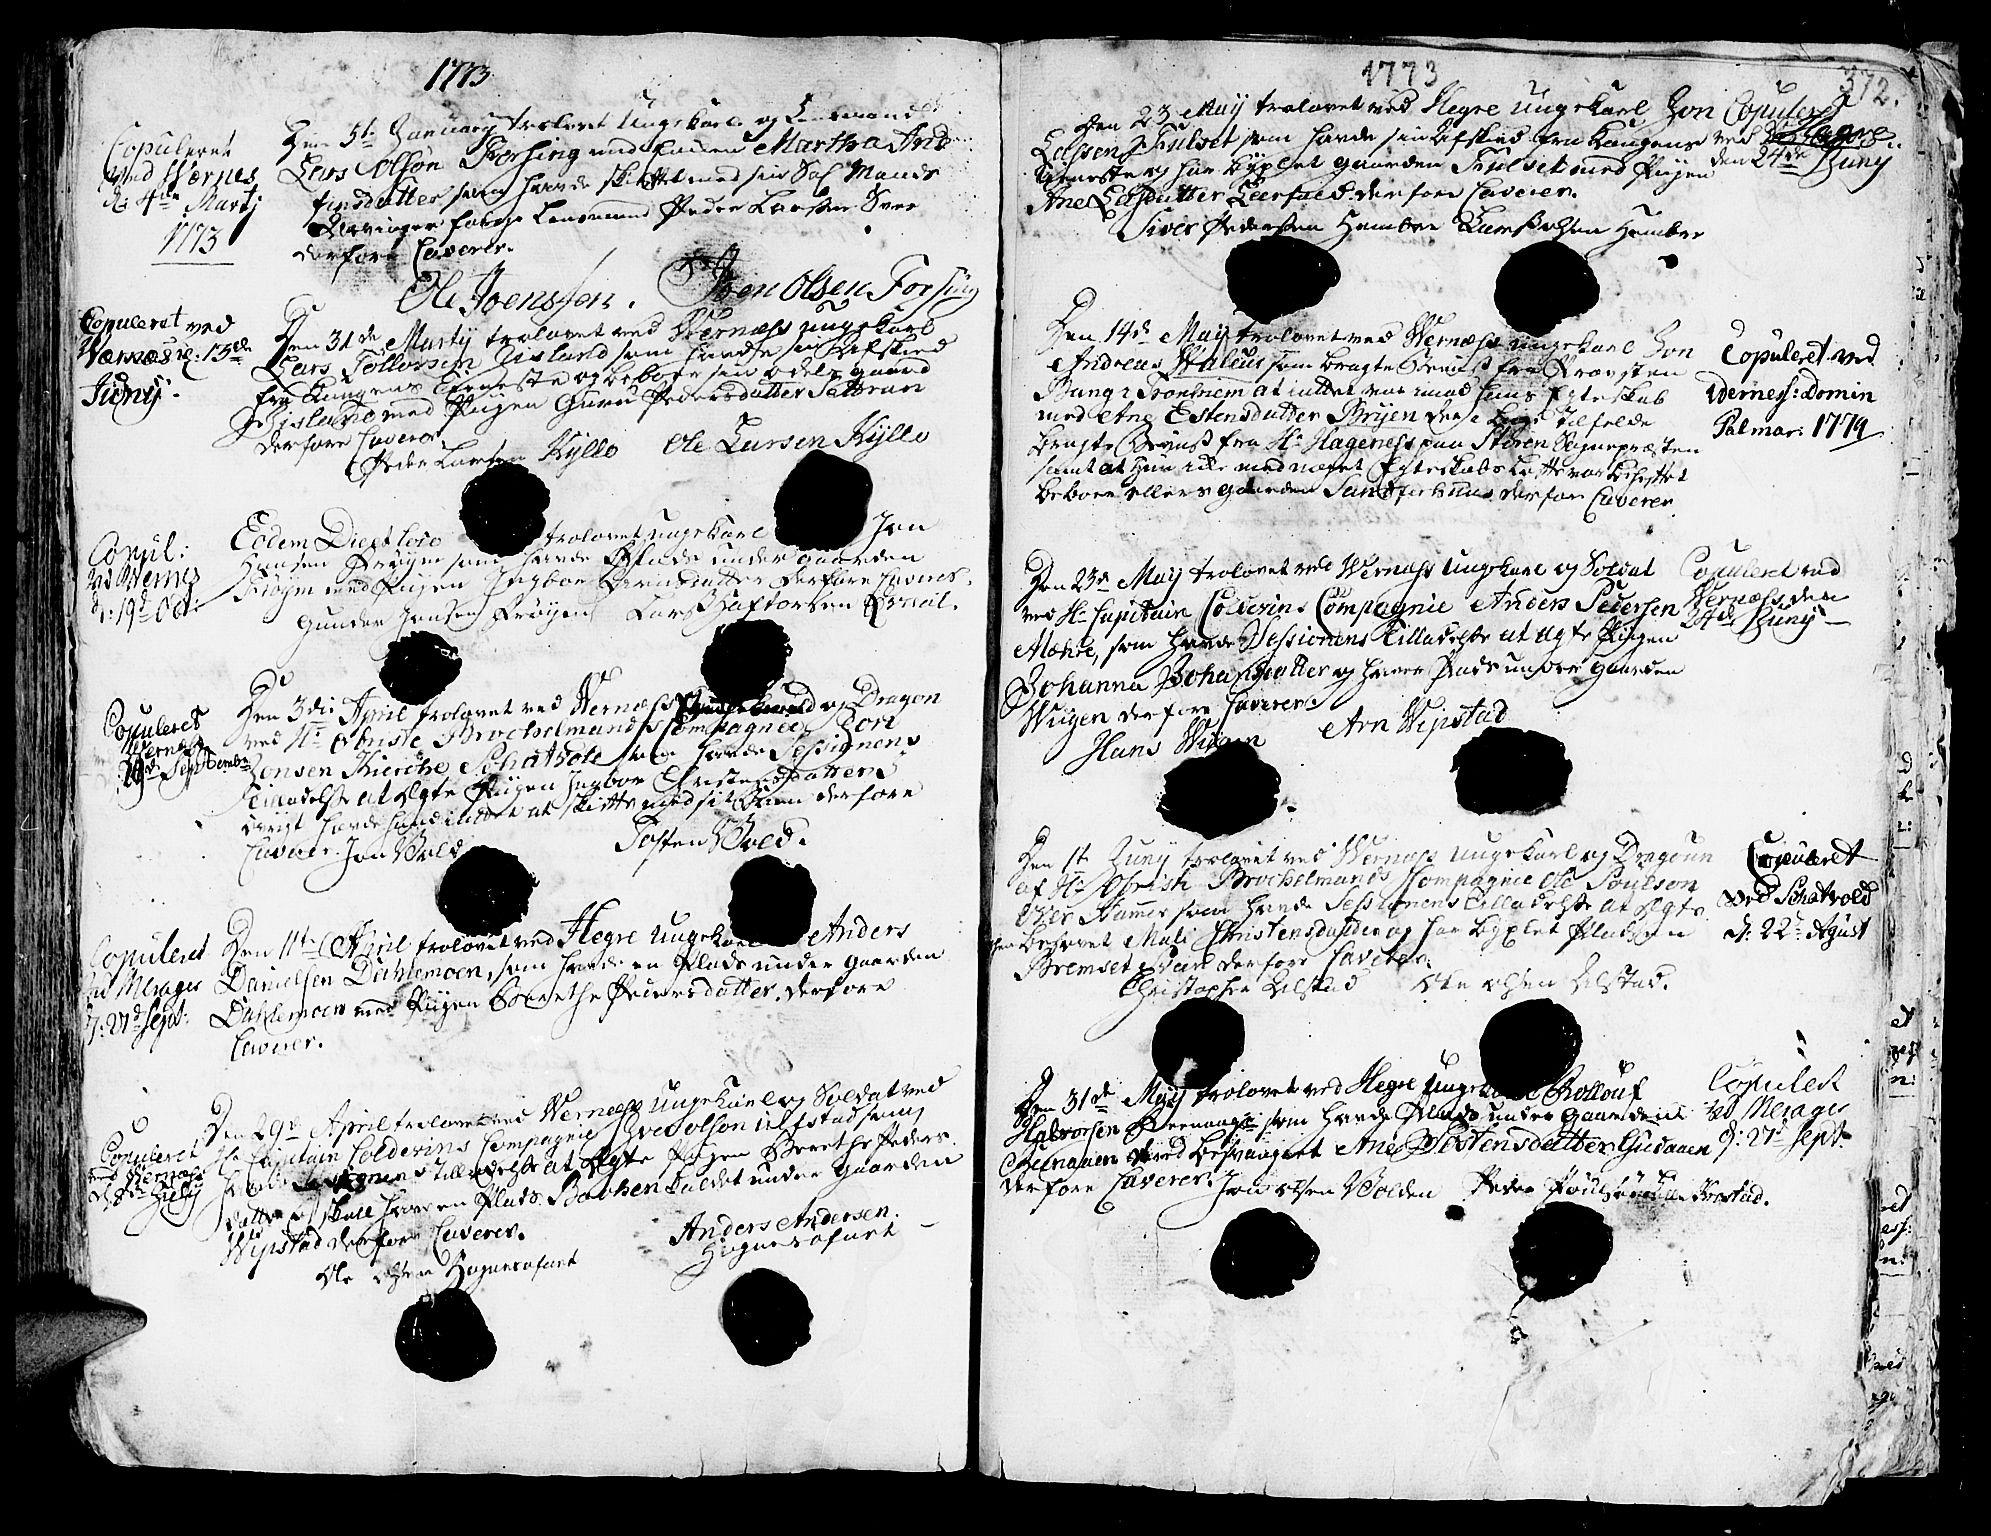 SAT, Ministerialprotokoller, klokkerbøker og fødselsregistre - Nord-Trøndelag, 709/L0057: Ministerialbok nr. 709A05, 1755-1780, s. 372